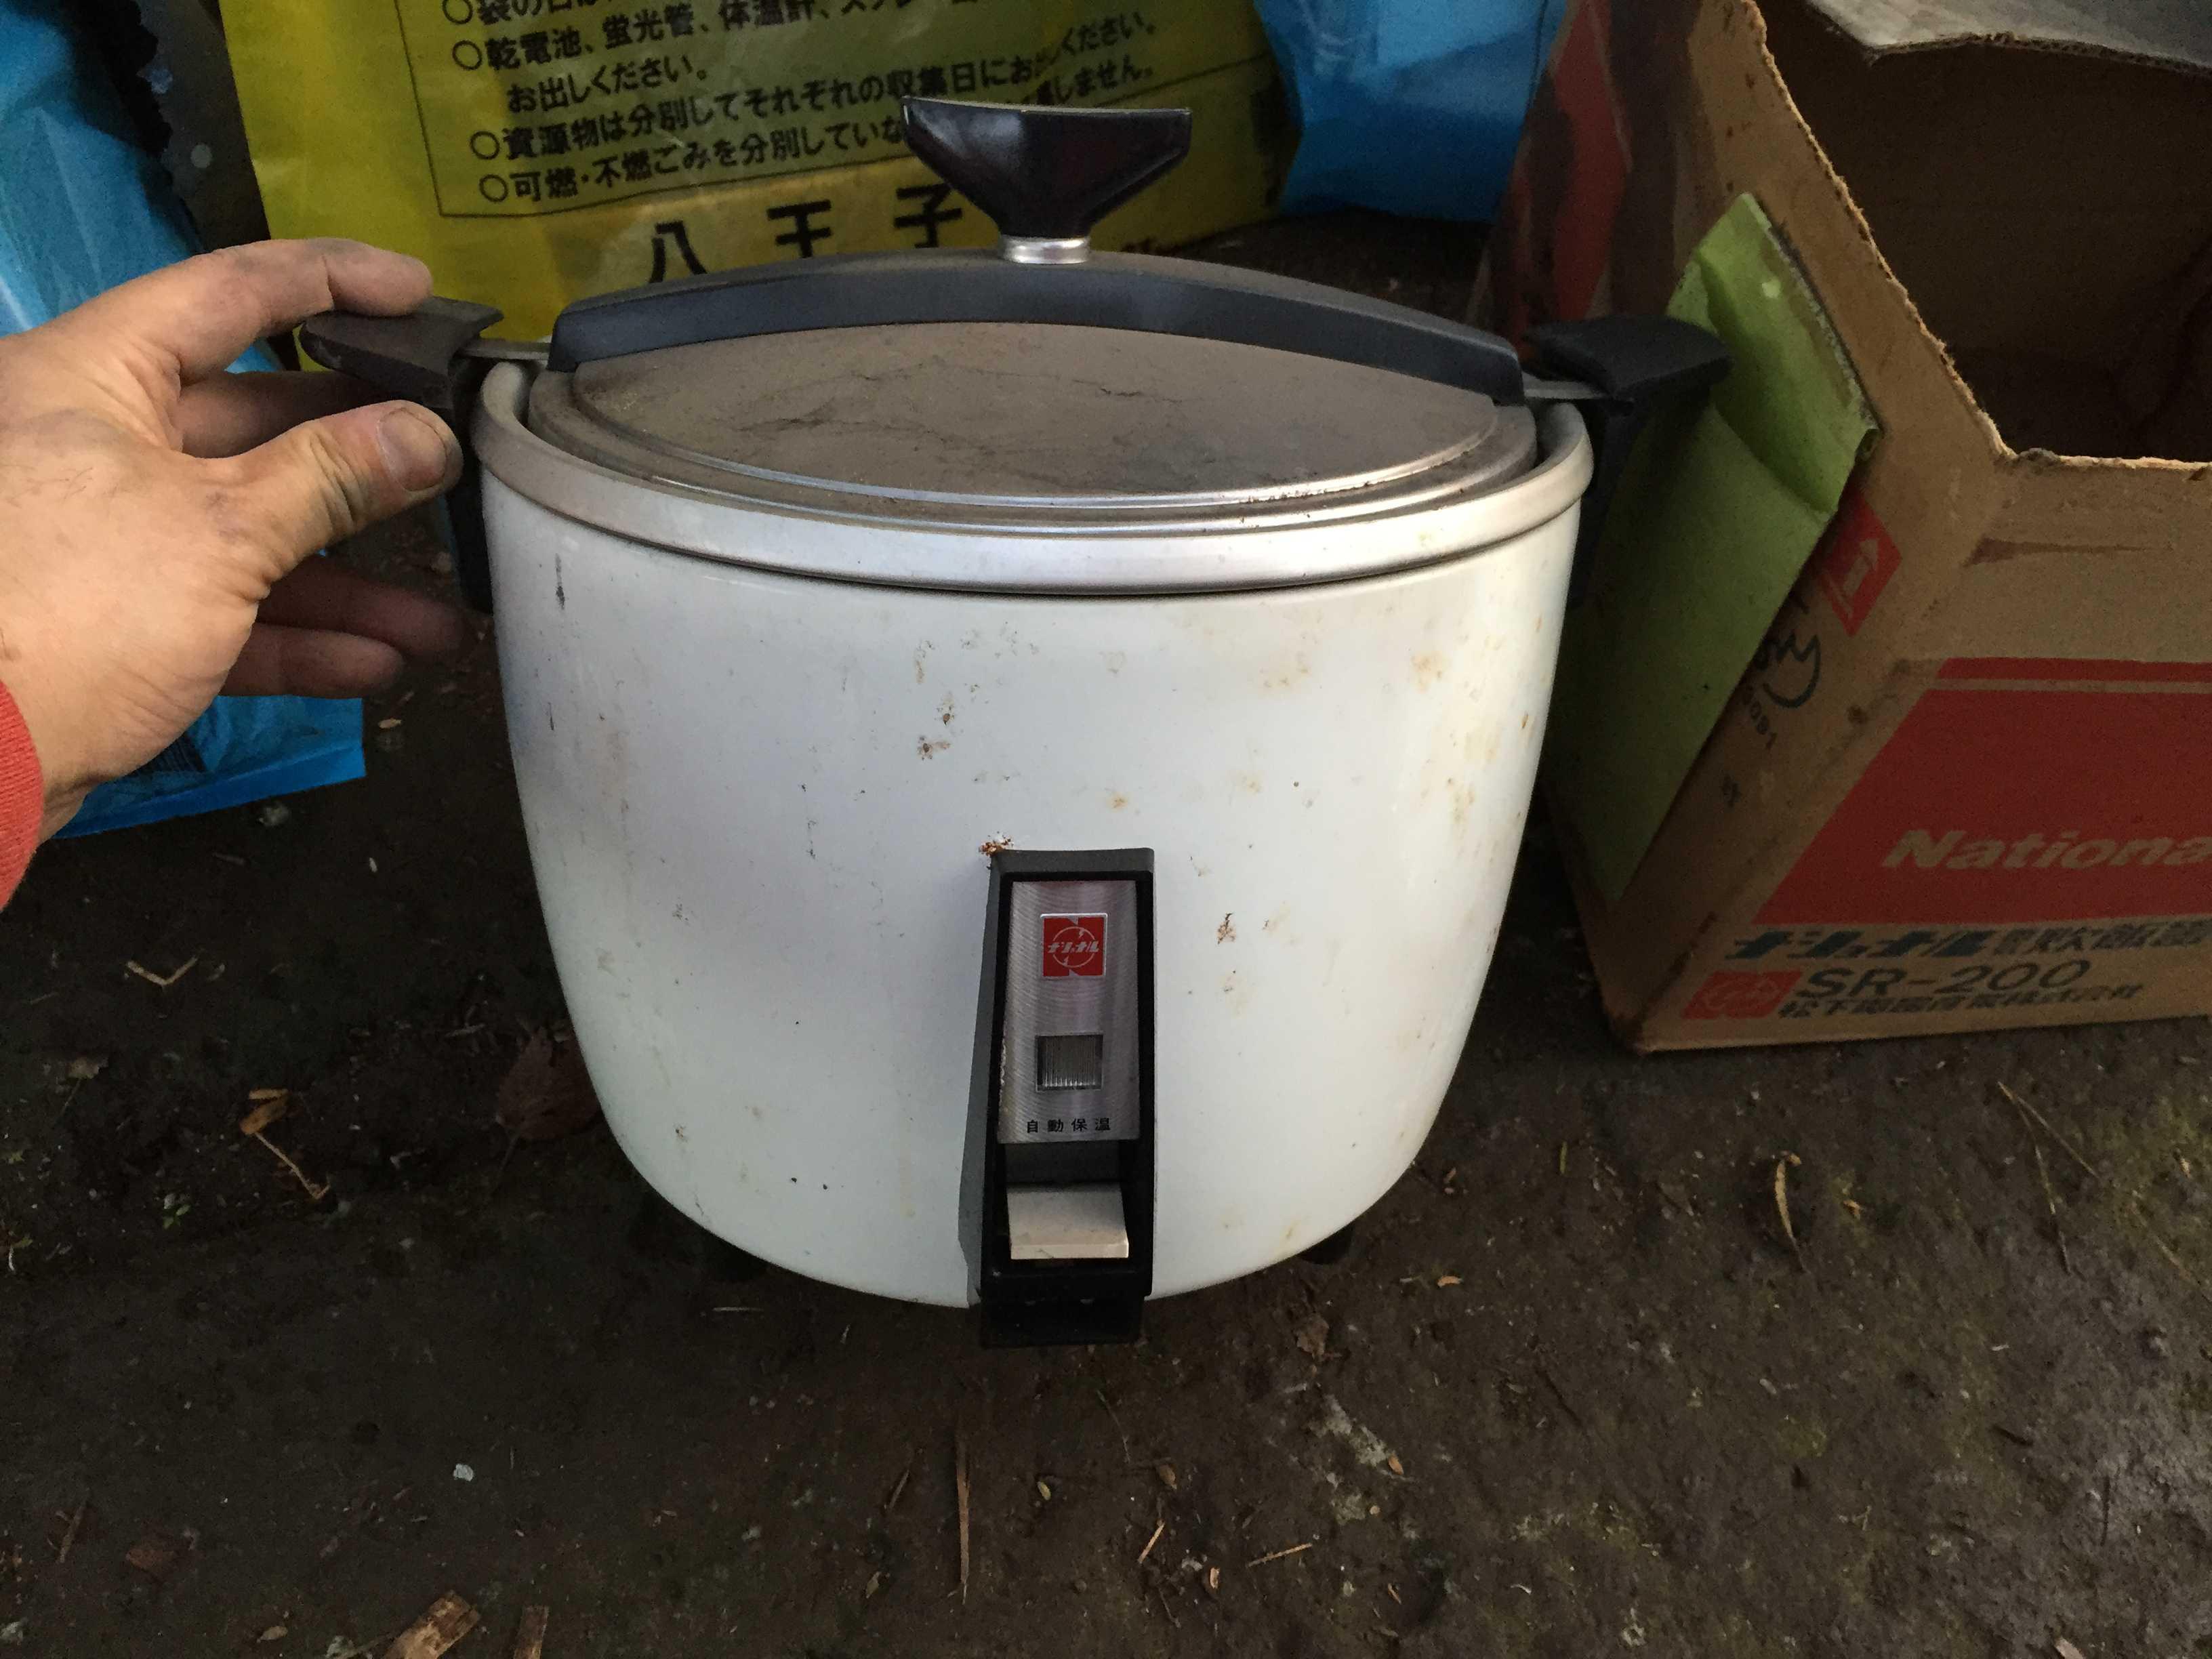 ナショナルの電気炊飯器